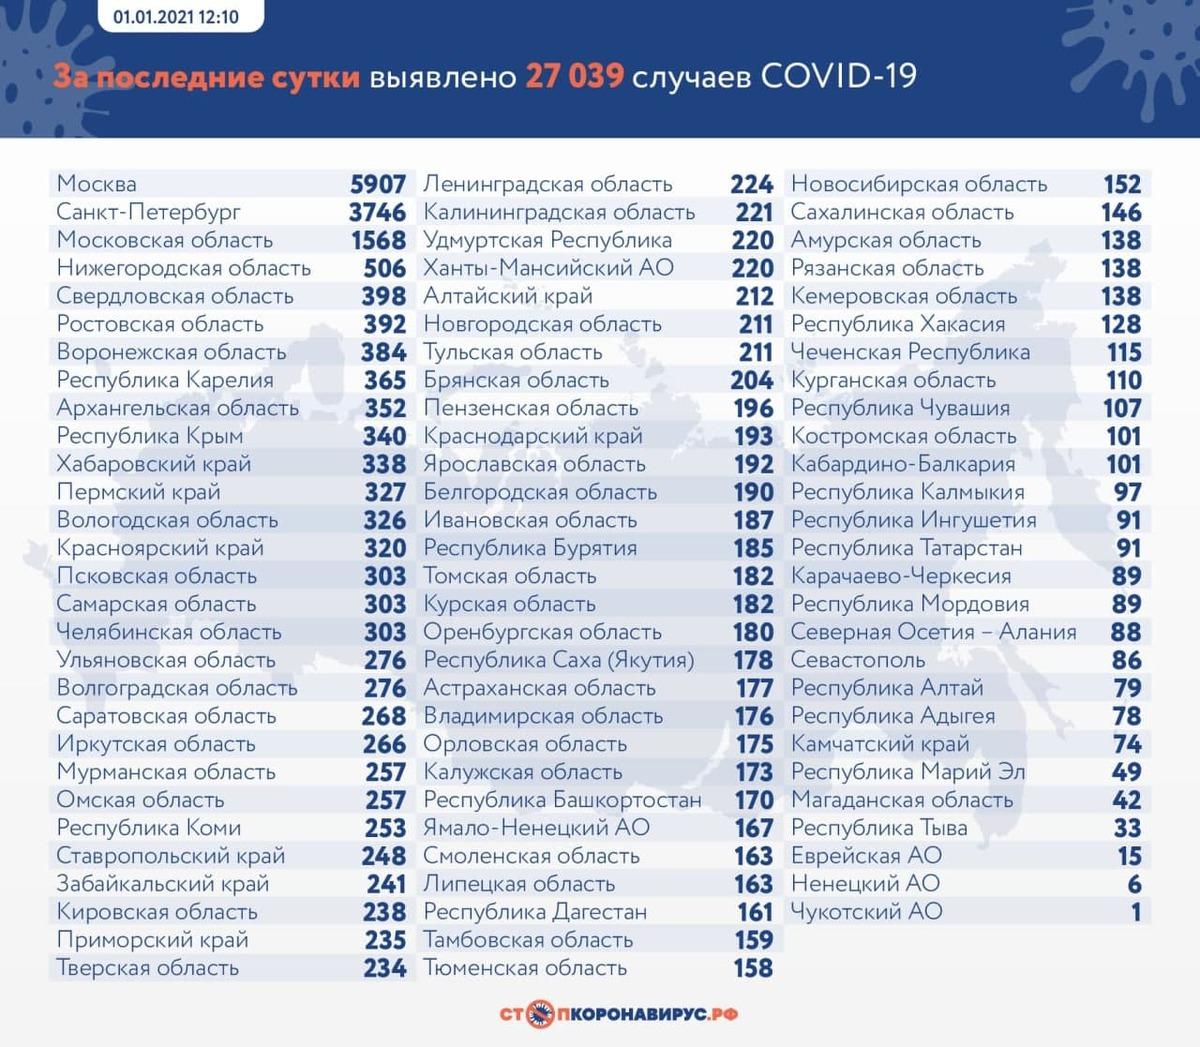 В последний день 2020 года в России выявили 27 039 случаев коронавируса